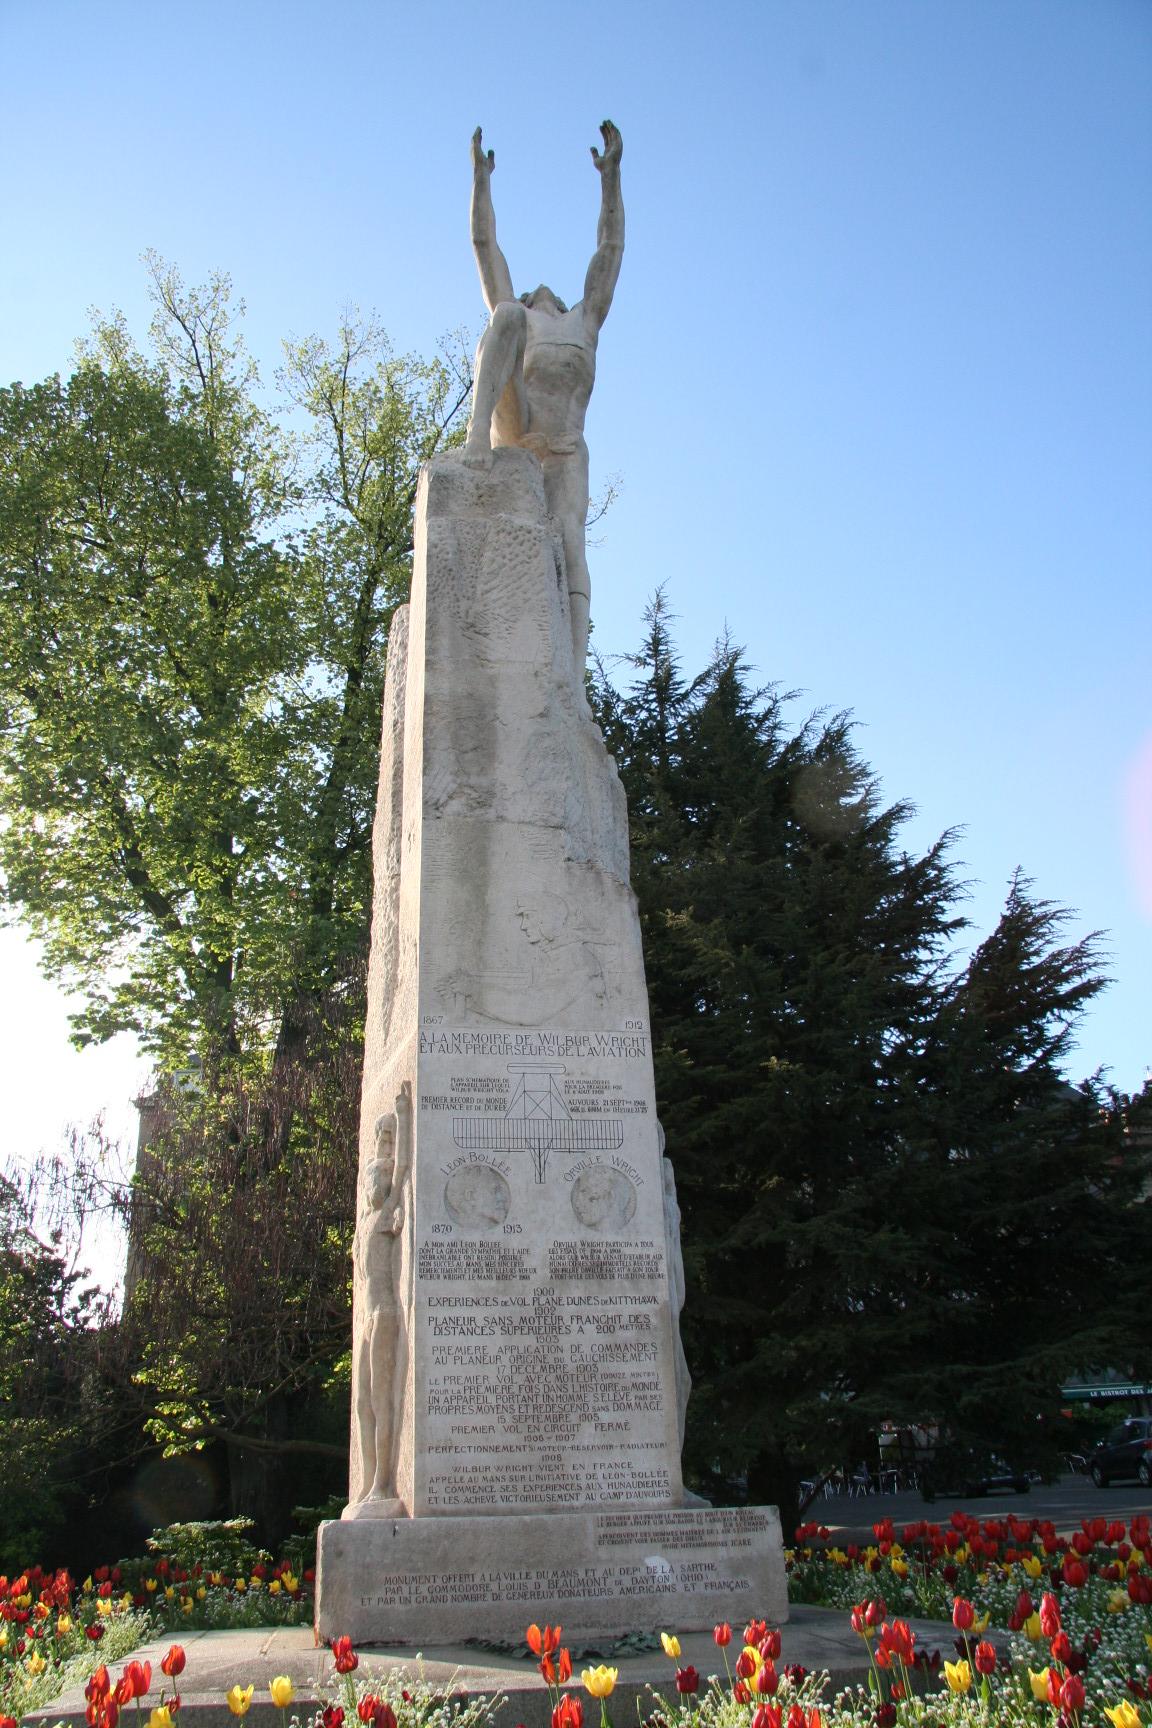 Le Mans en 2010 - Statue - Rue Wilbur Wright - Statue représentant le vol d'Icare en hommage à Wilbur Wright - Vue 02 (Sylvie Leveau)